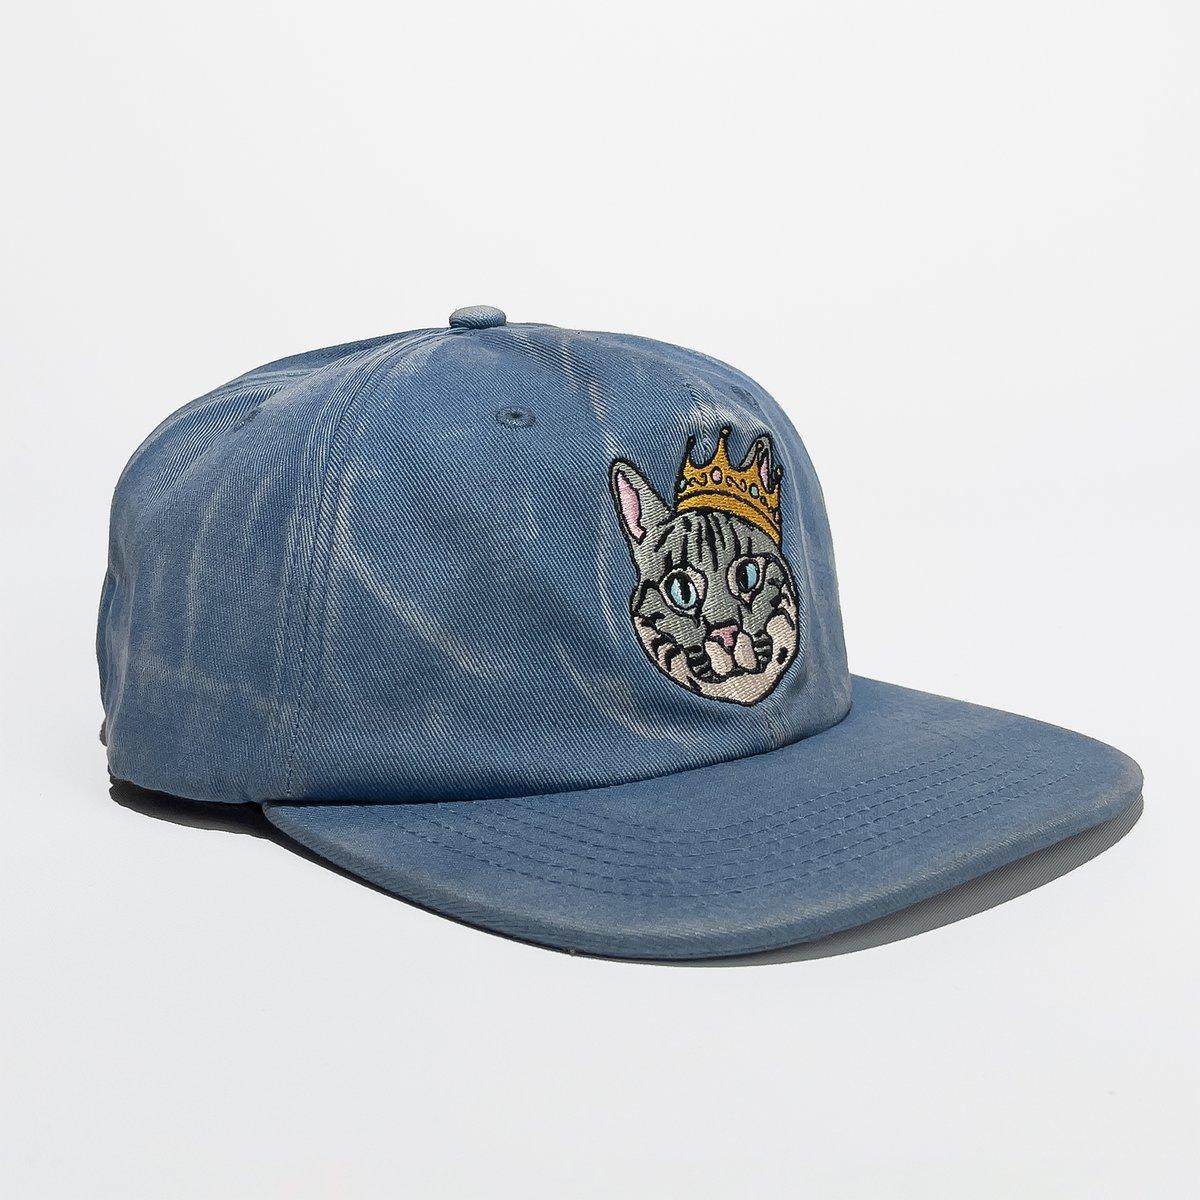 Image of Chardonnay Hat